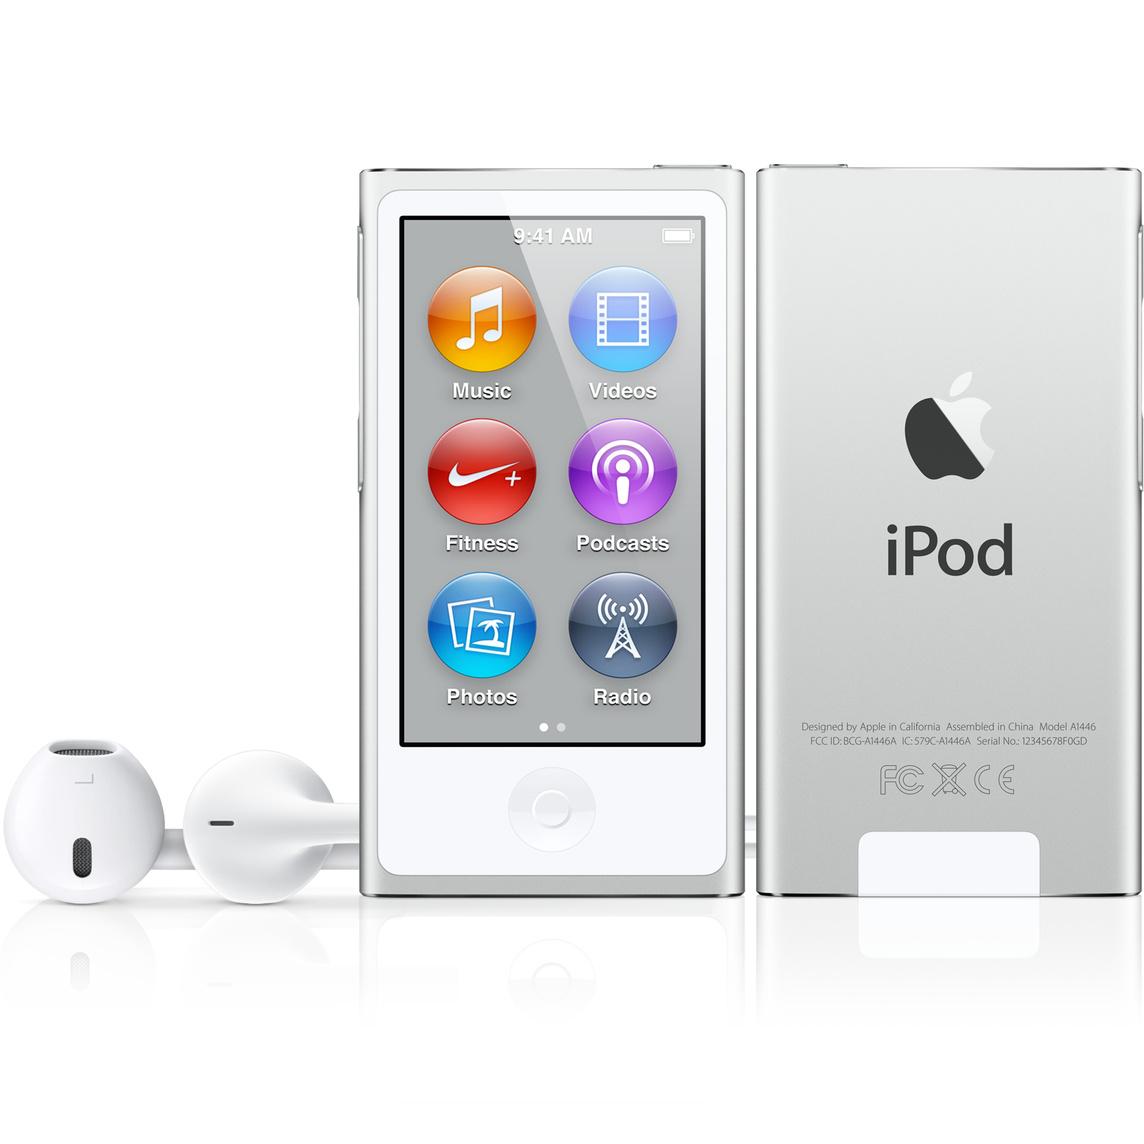 ipod アップル ミュージック